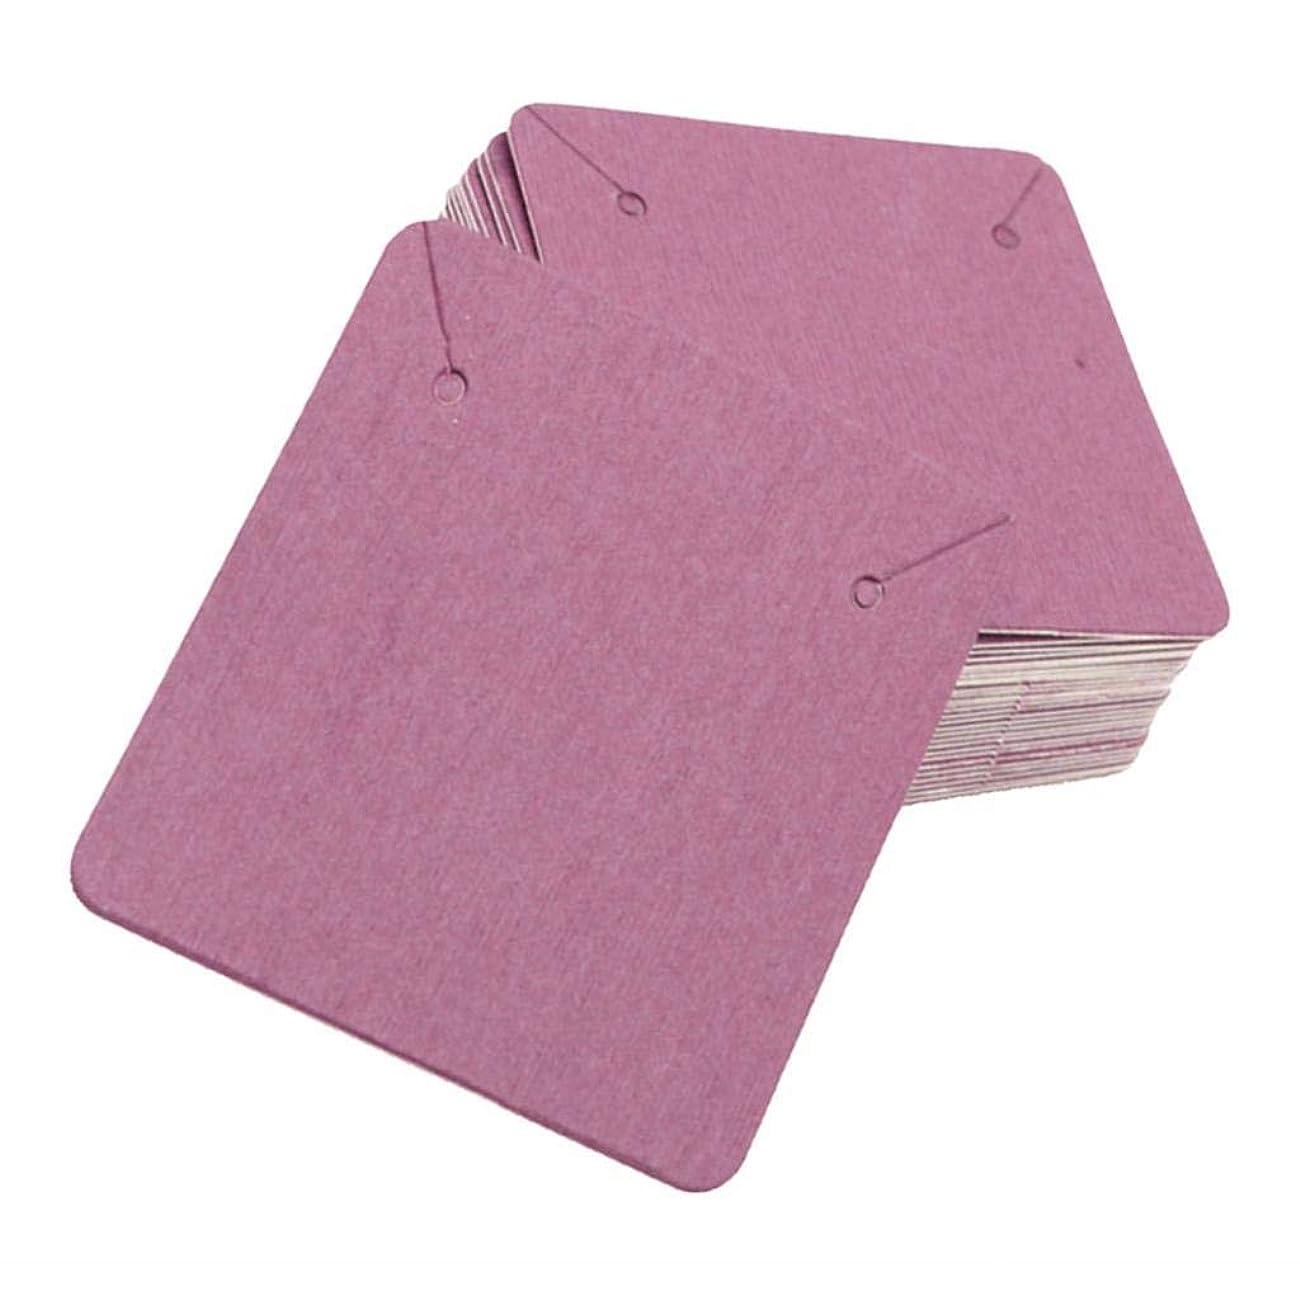 ゴミサイズKESOTO アクセサリー 台紙 ピアス/イヤリング用 100枚セット 多彩ペーパー 6色選択 - パープル